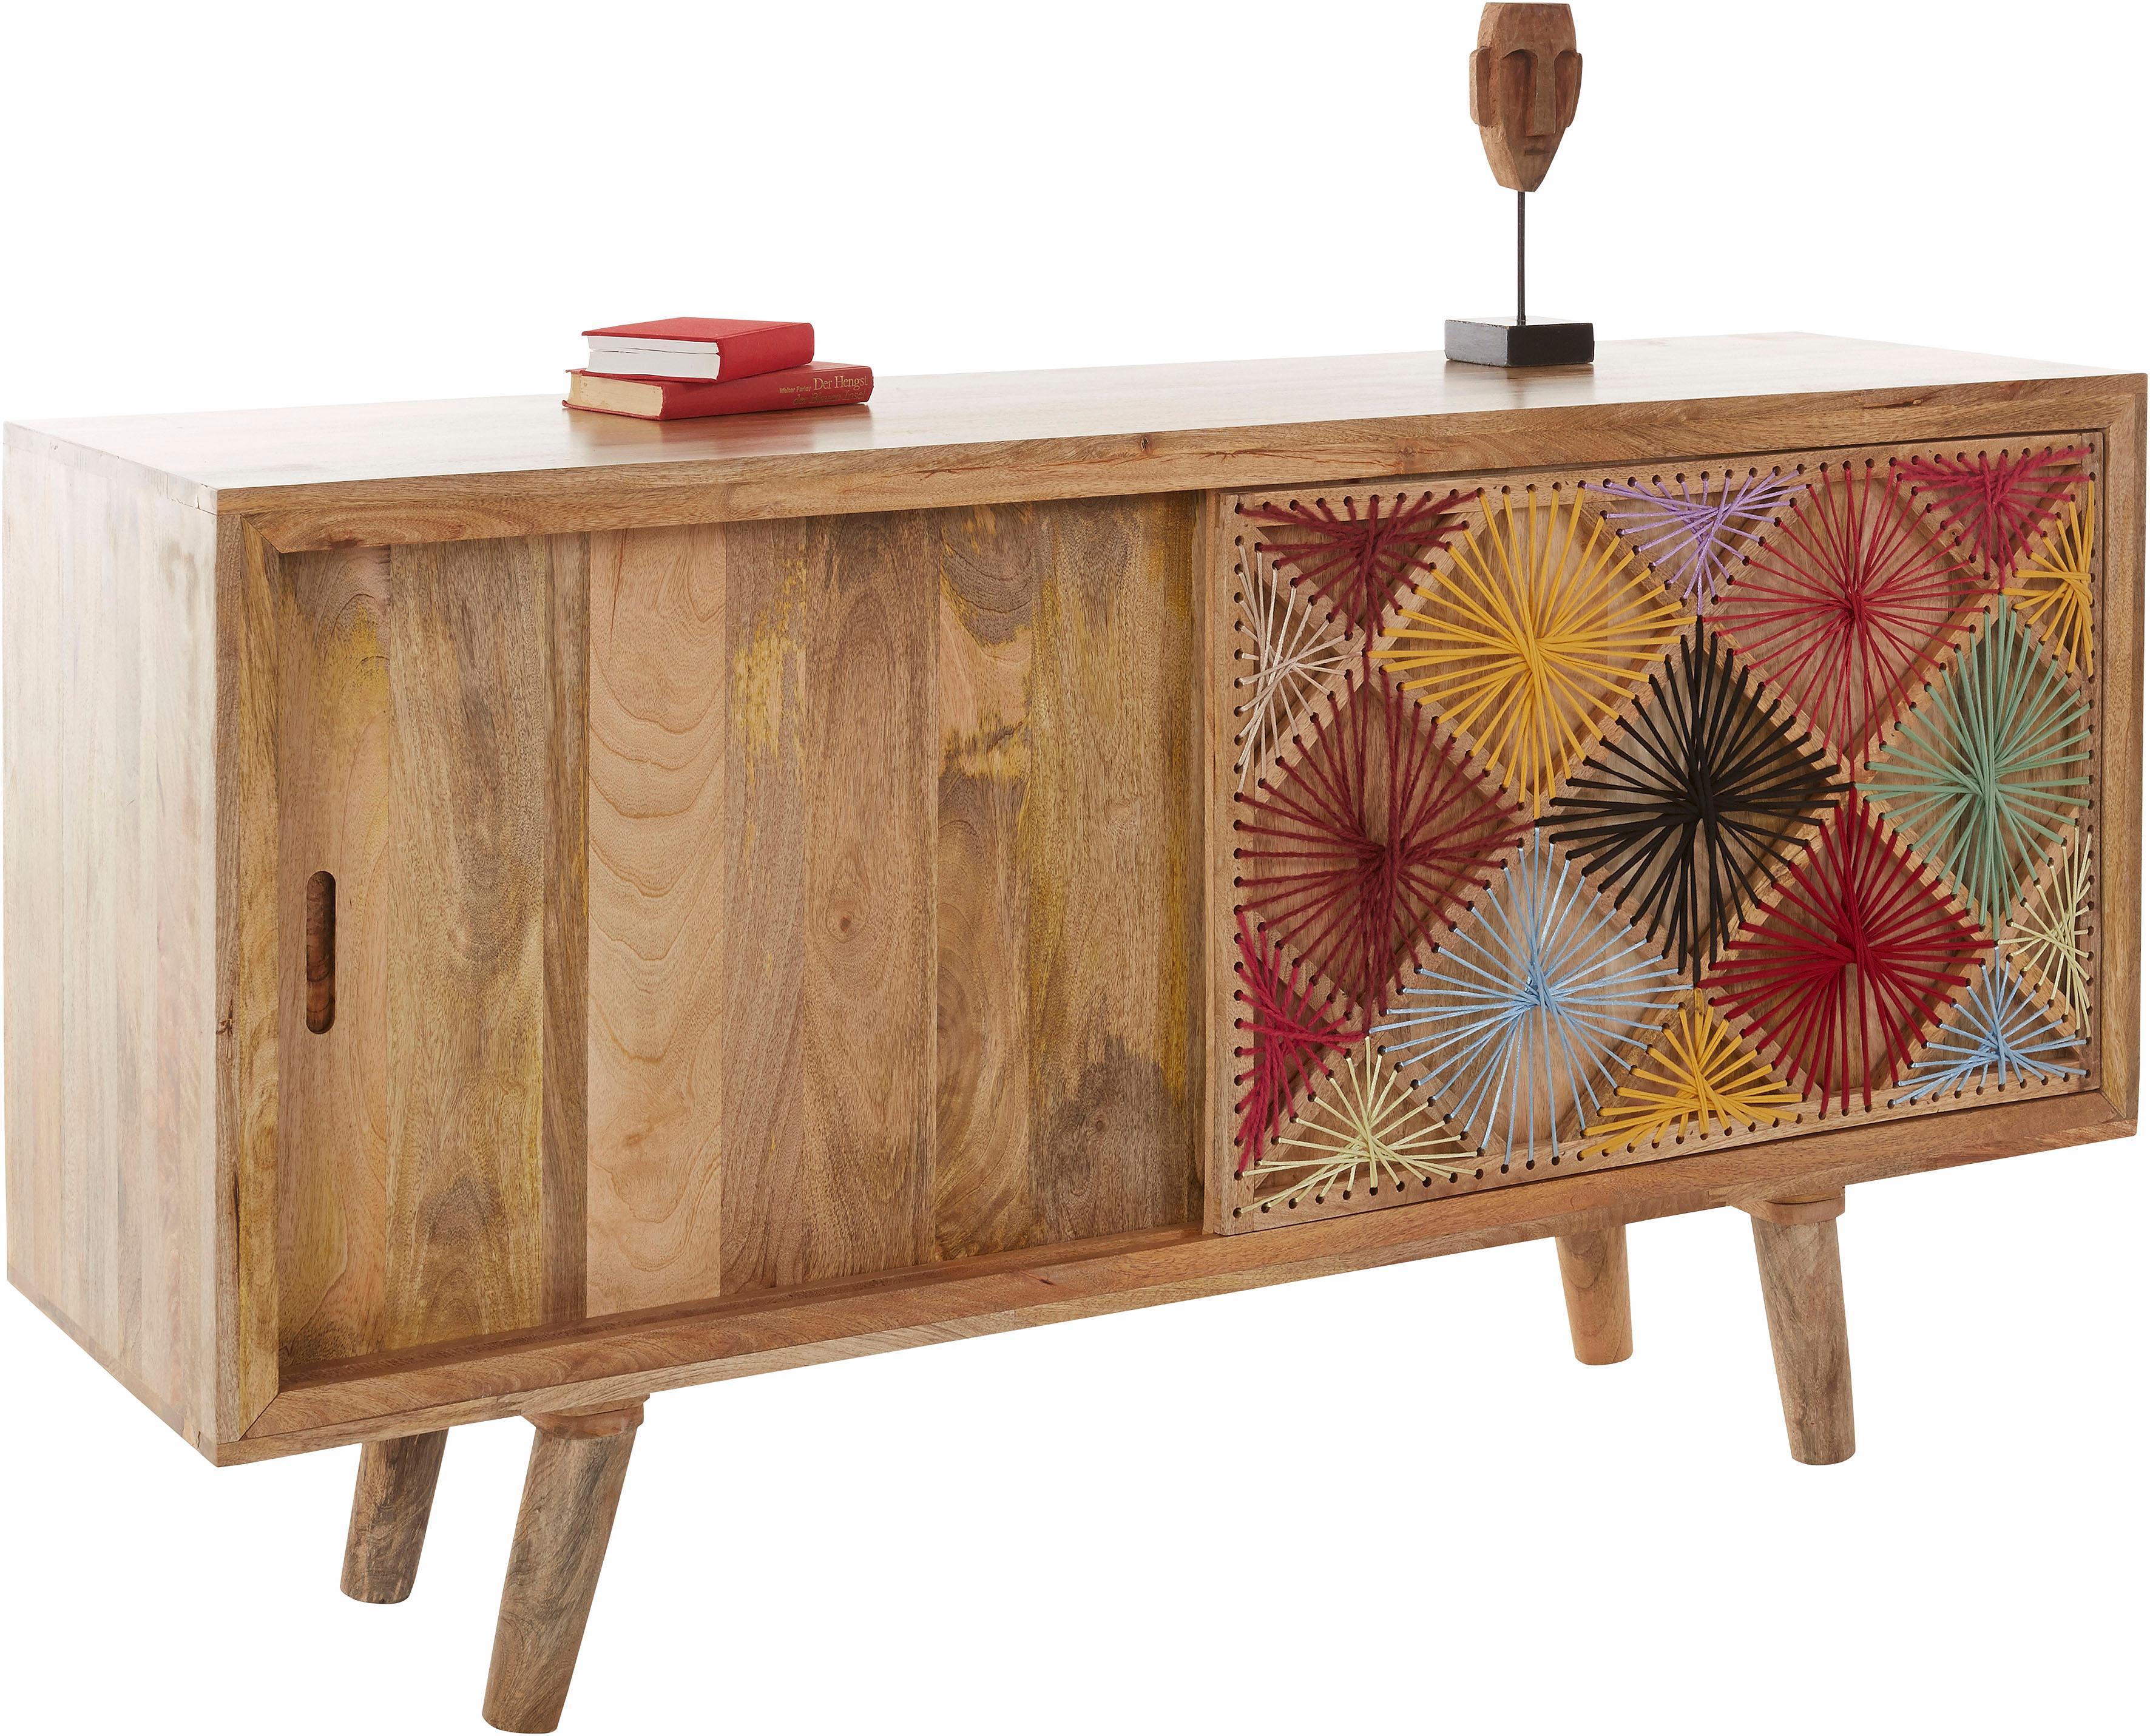 Home affaire Sideboard »Verbana«, Breite 160 cm im Indienstyle